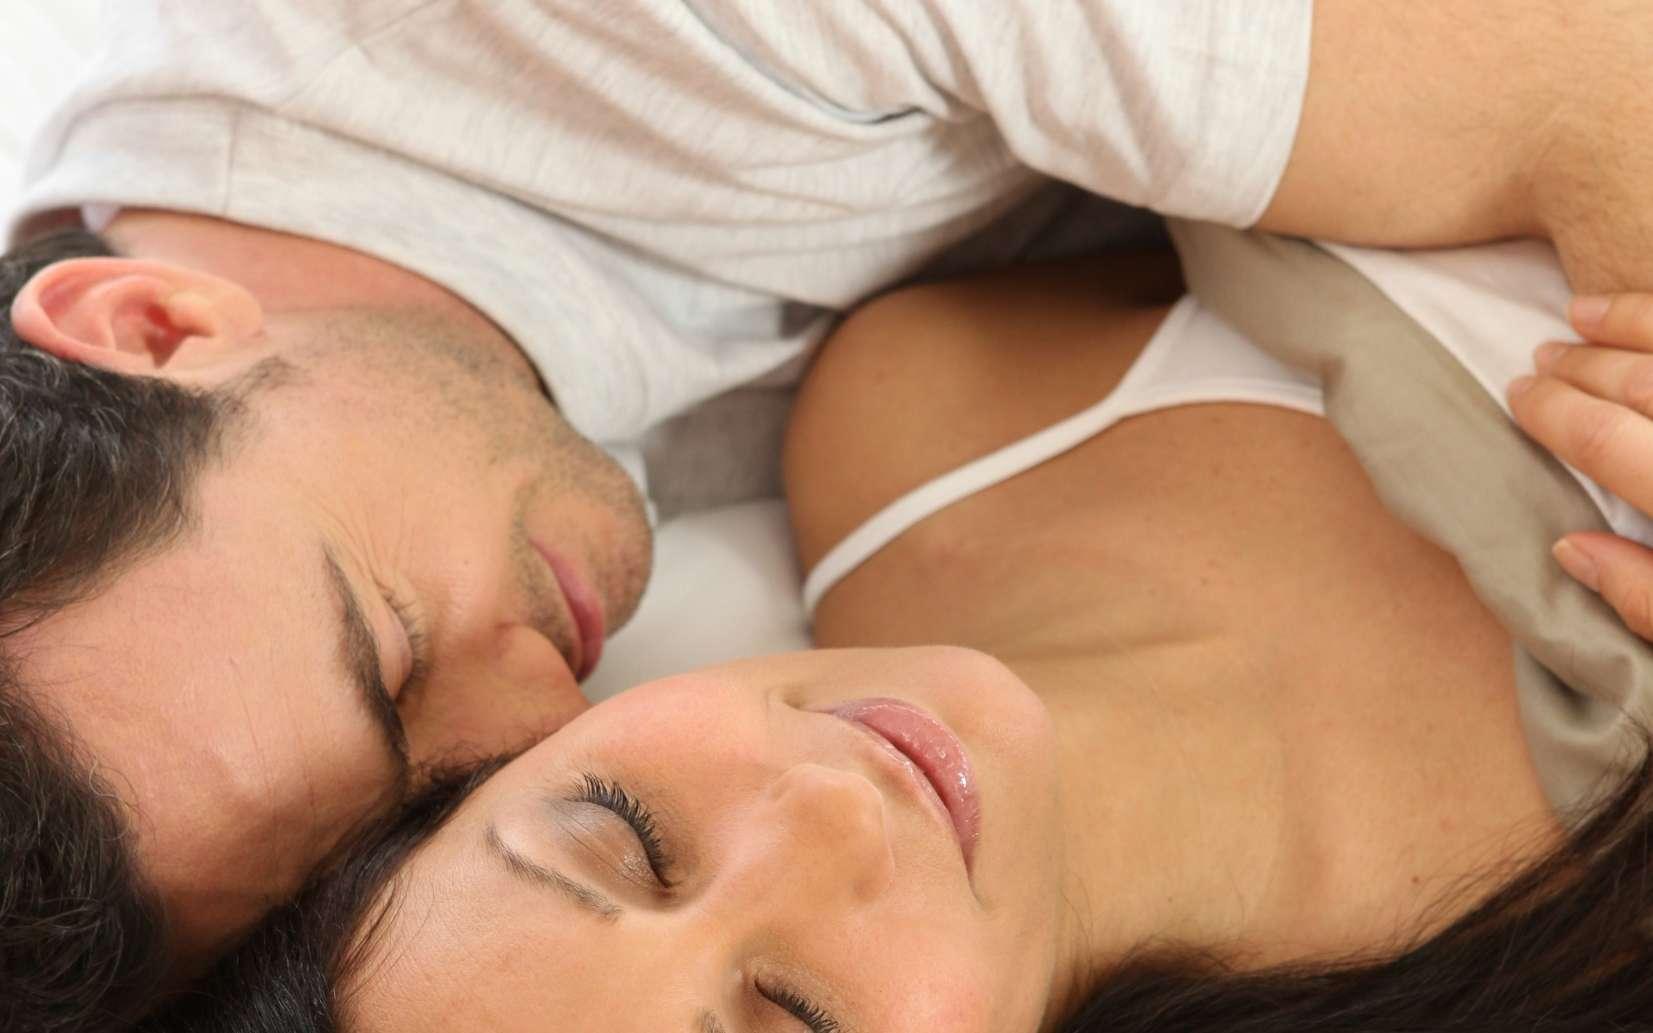 La lubrification vaginale est provoquée par l'excitation sexuelle. © Phovoir